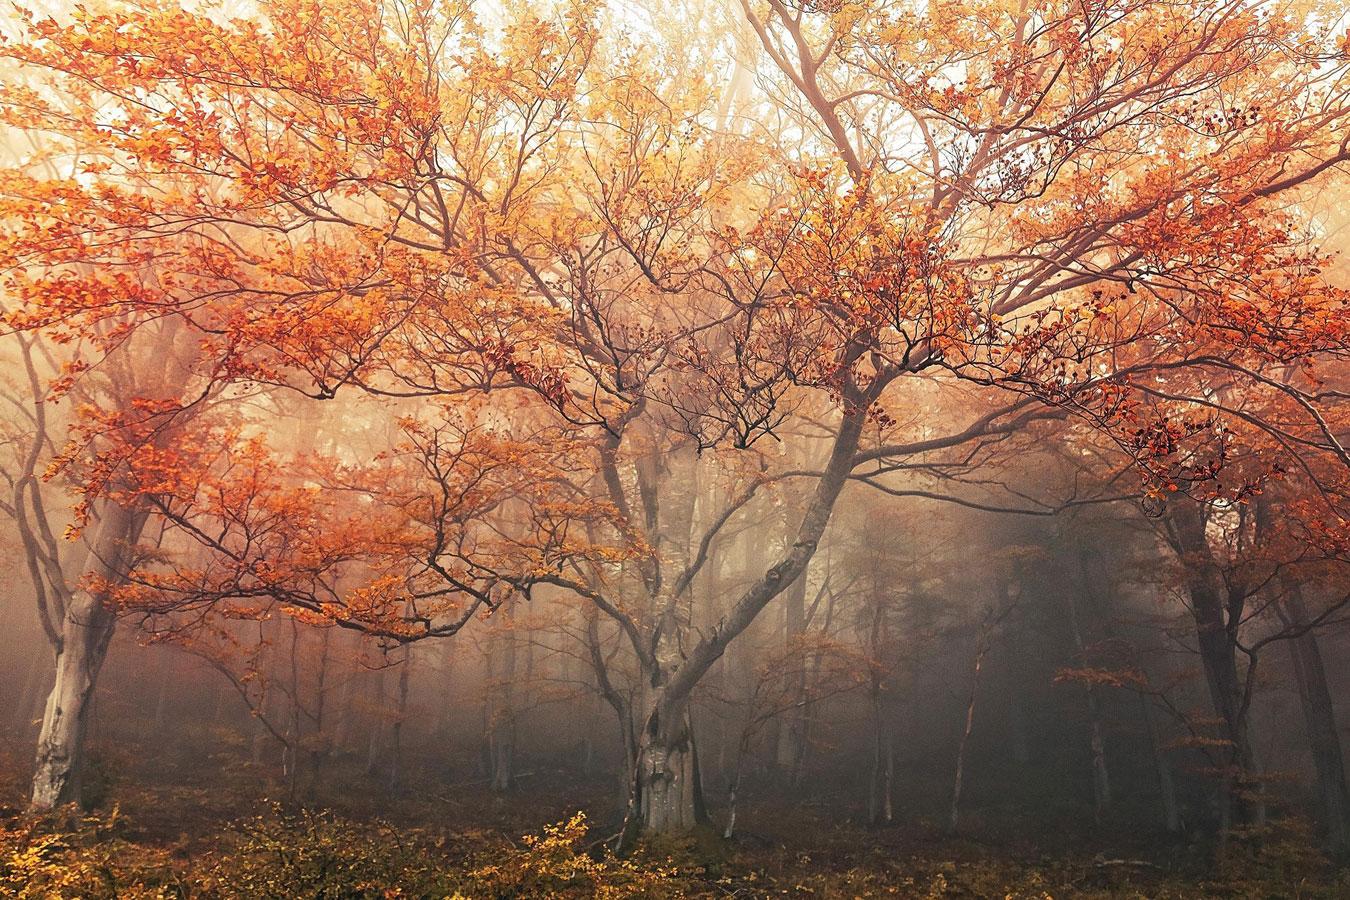 Босс, © Романа Рихова, 2 место в категории «Простые растения», Фотоконкурс RHS Photographic